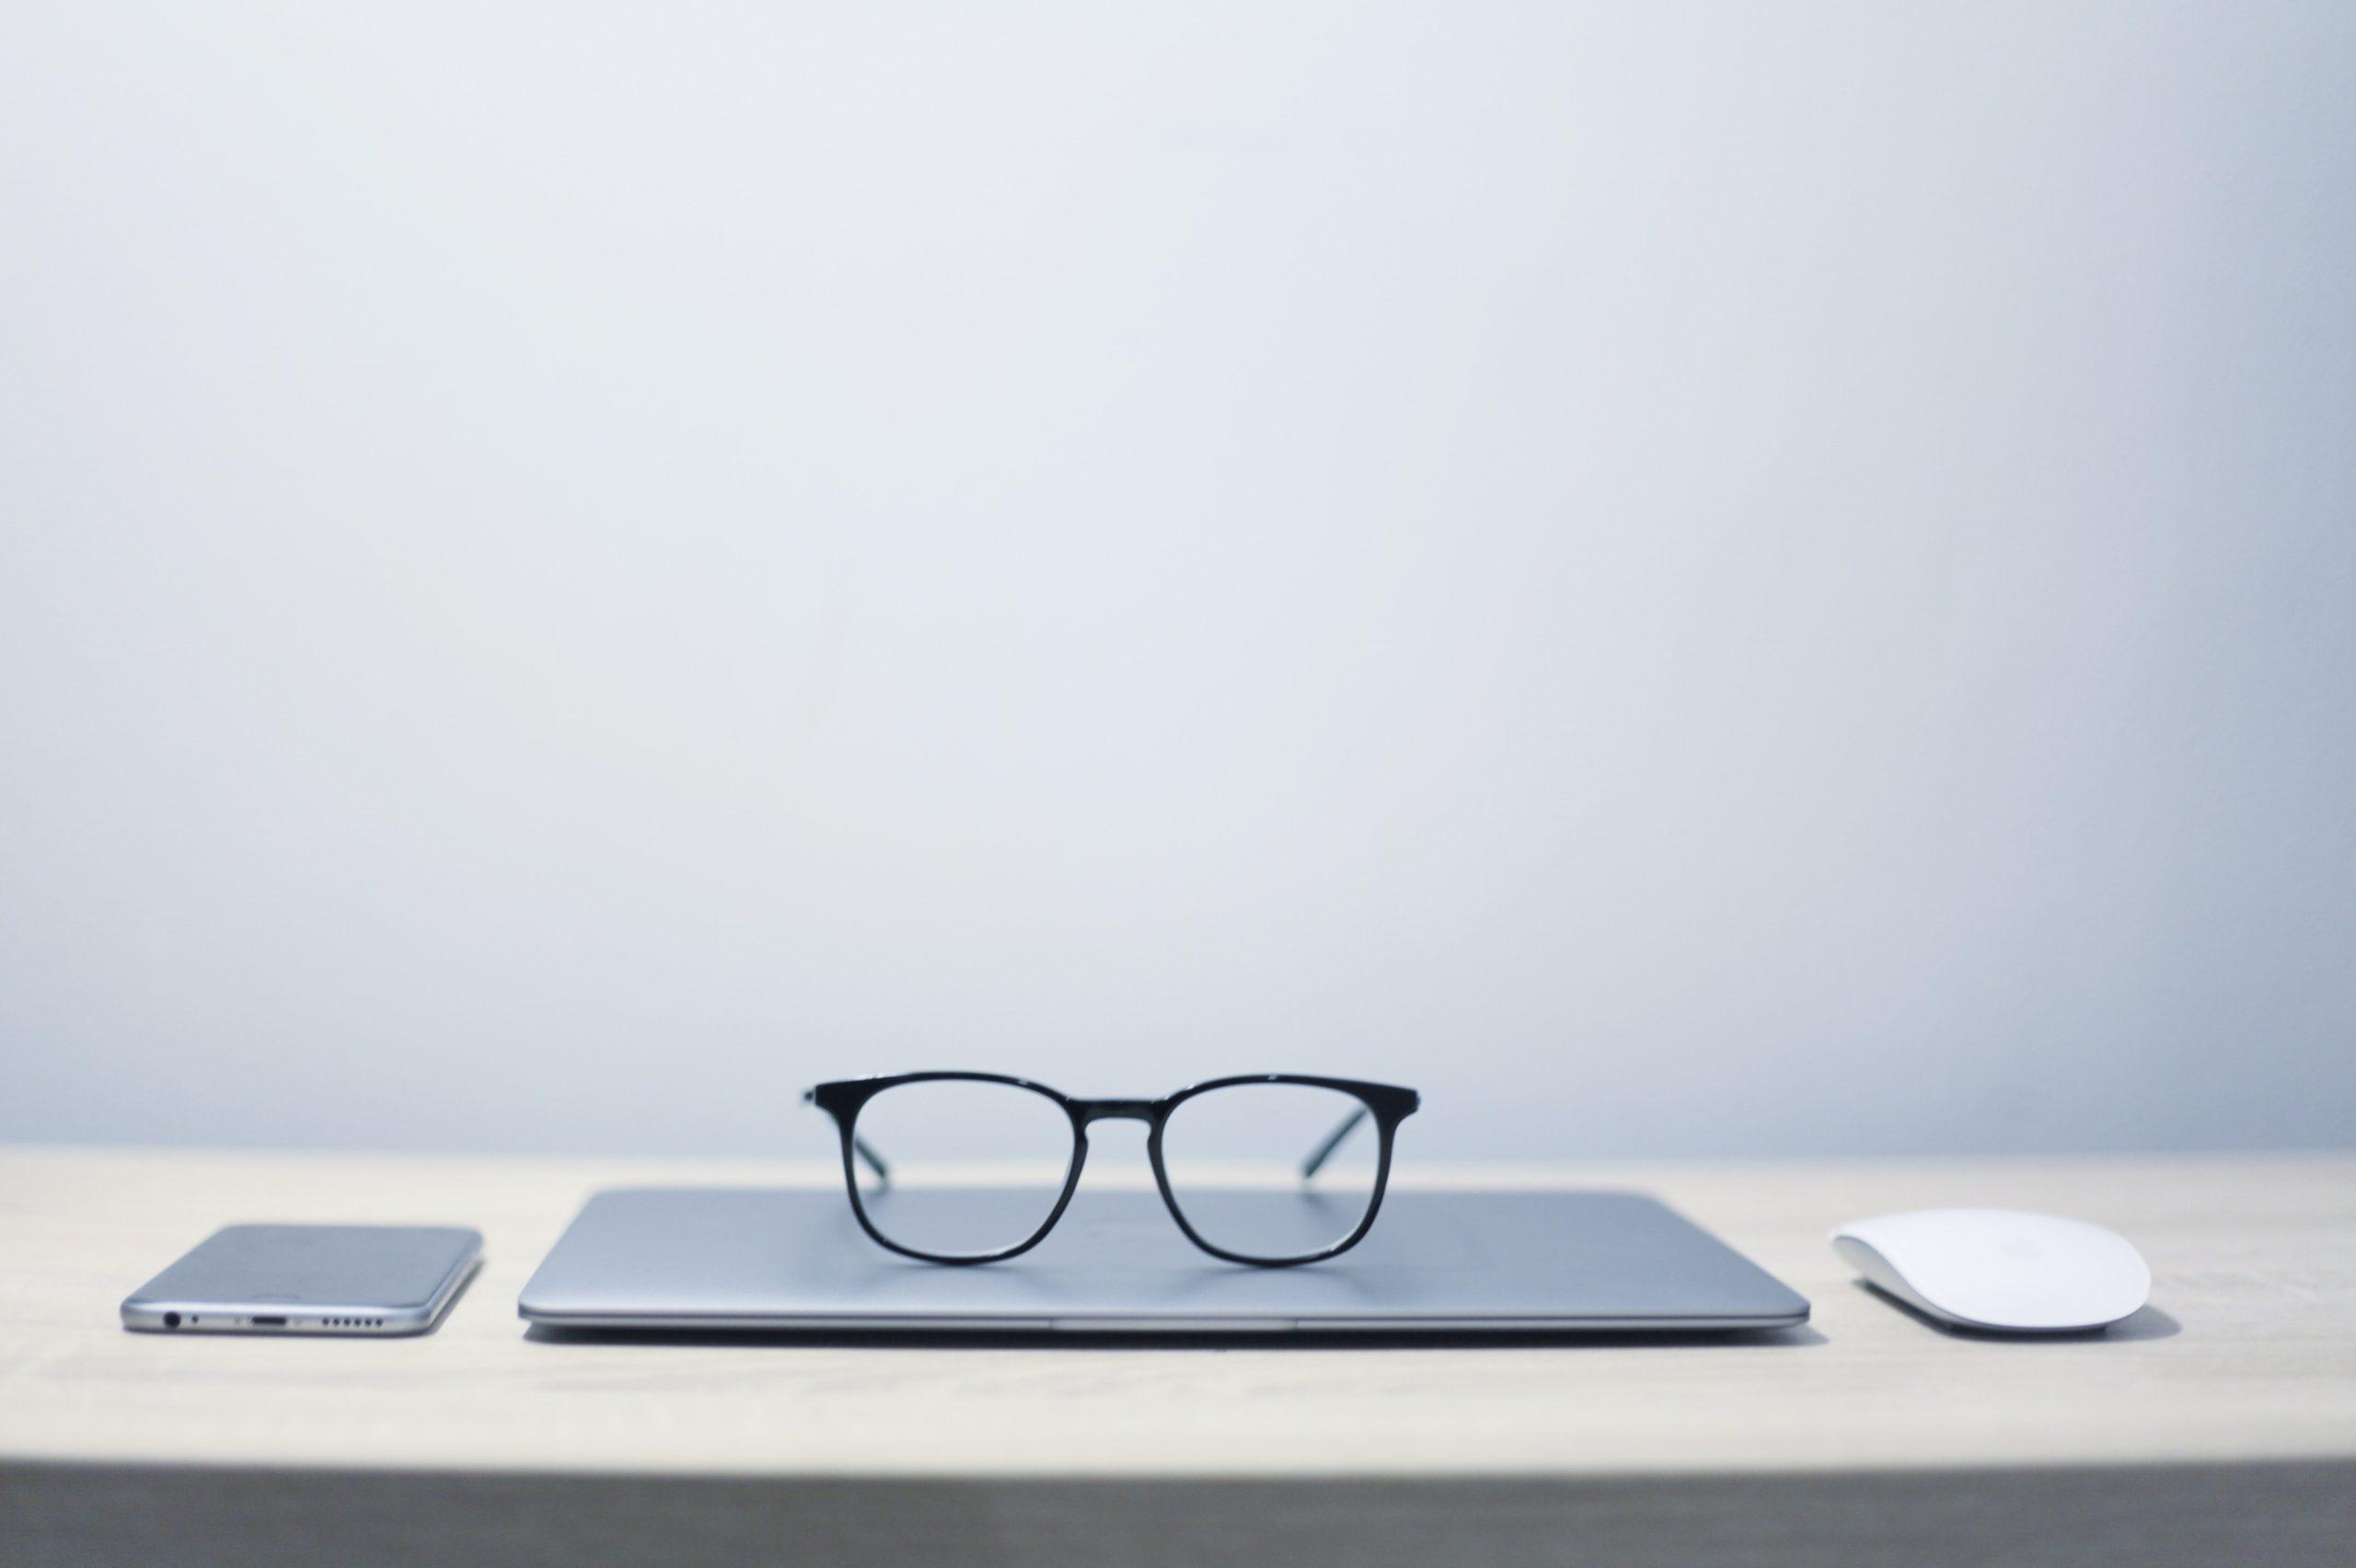 ついていけない仕事を退職する方法【失敗しない転職活動のやり方も解説】